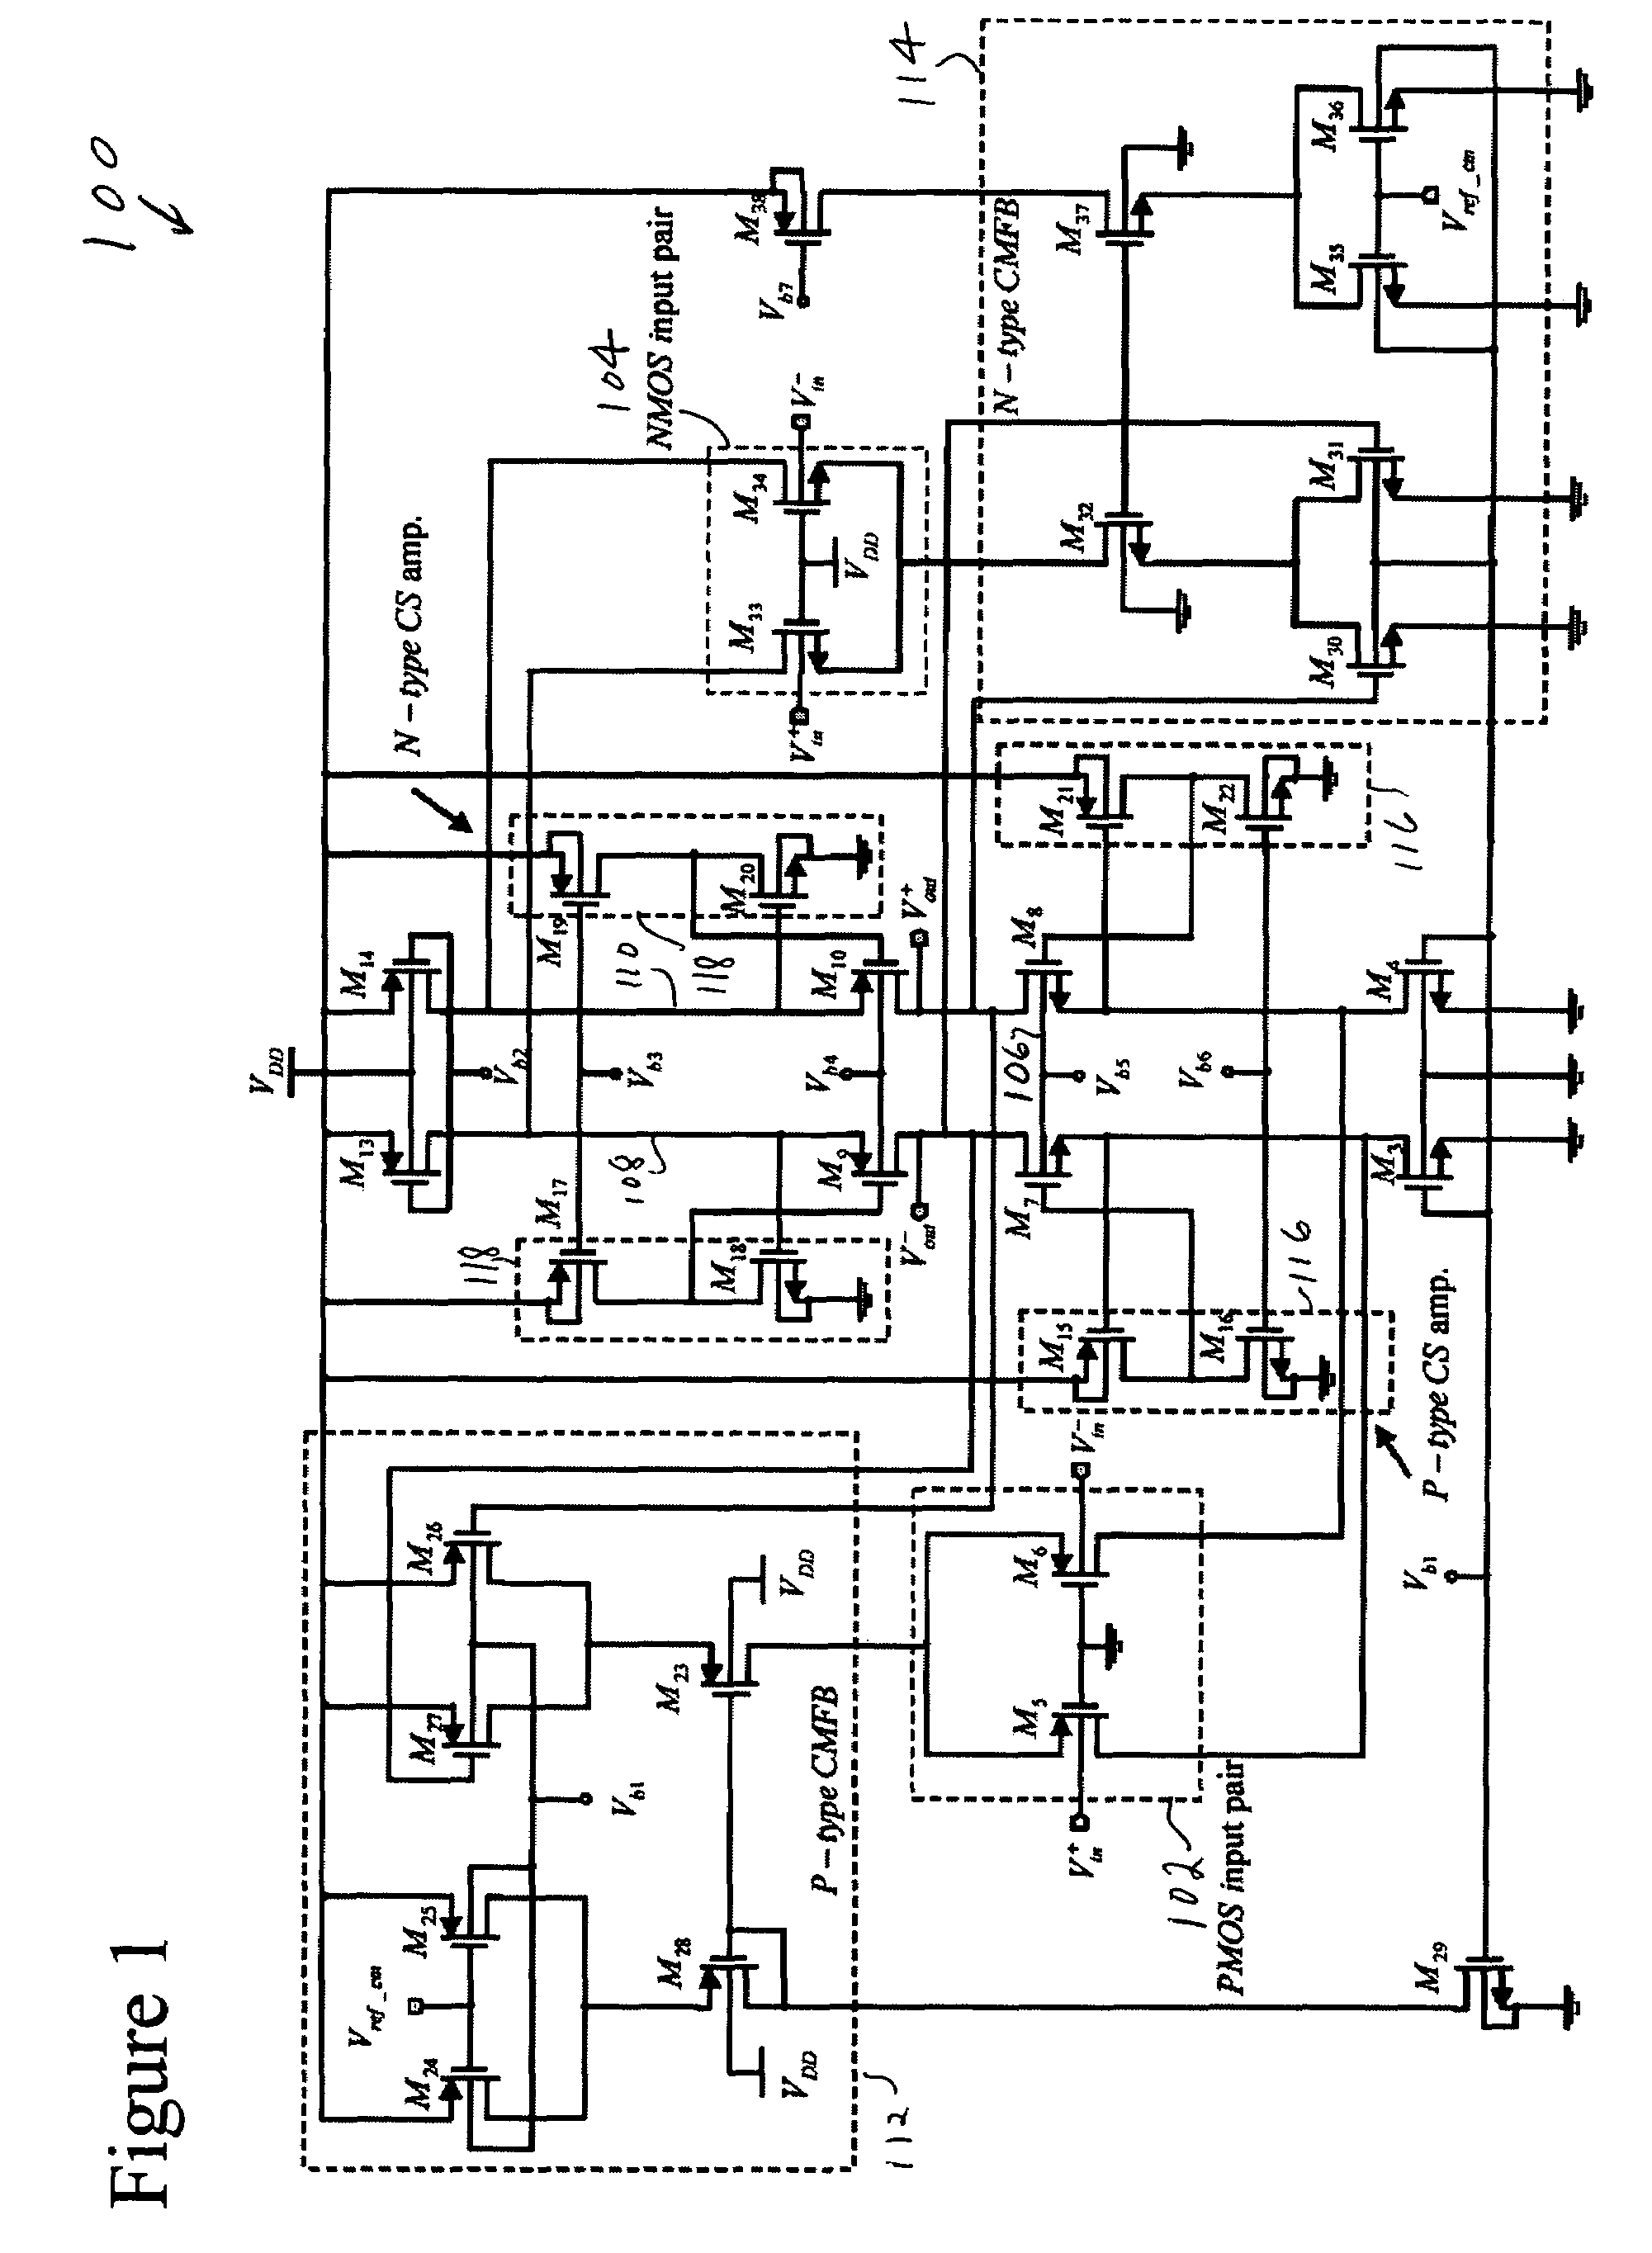 patent us7088178